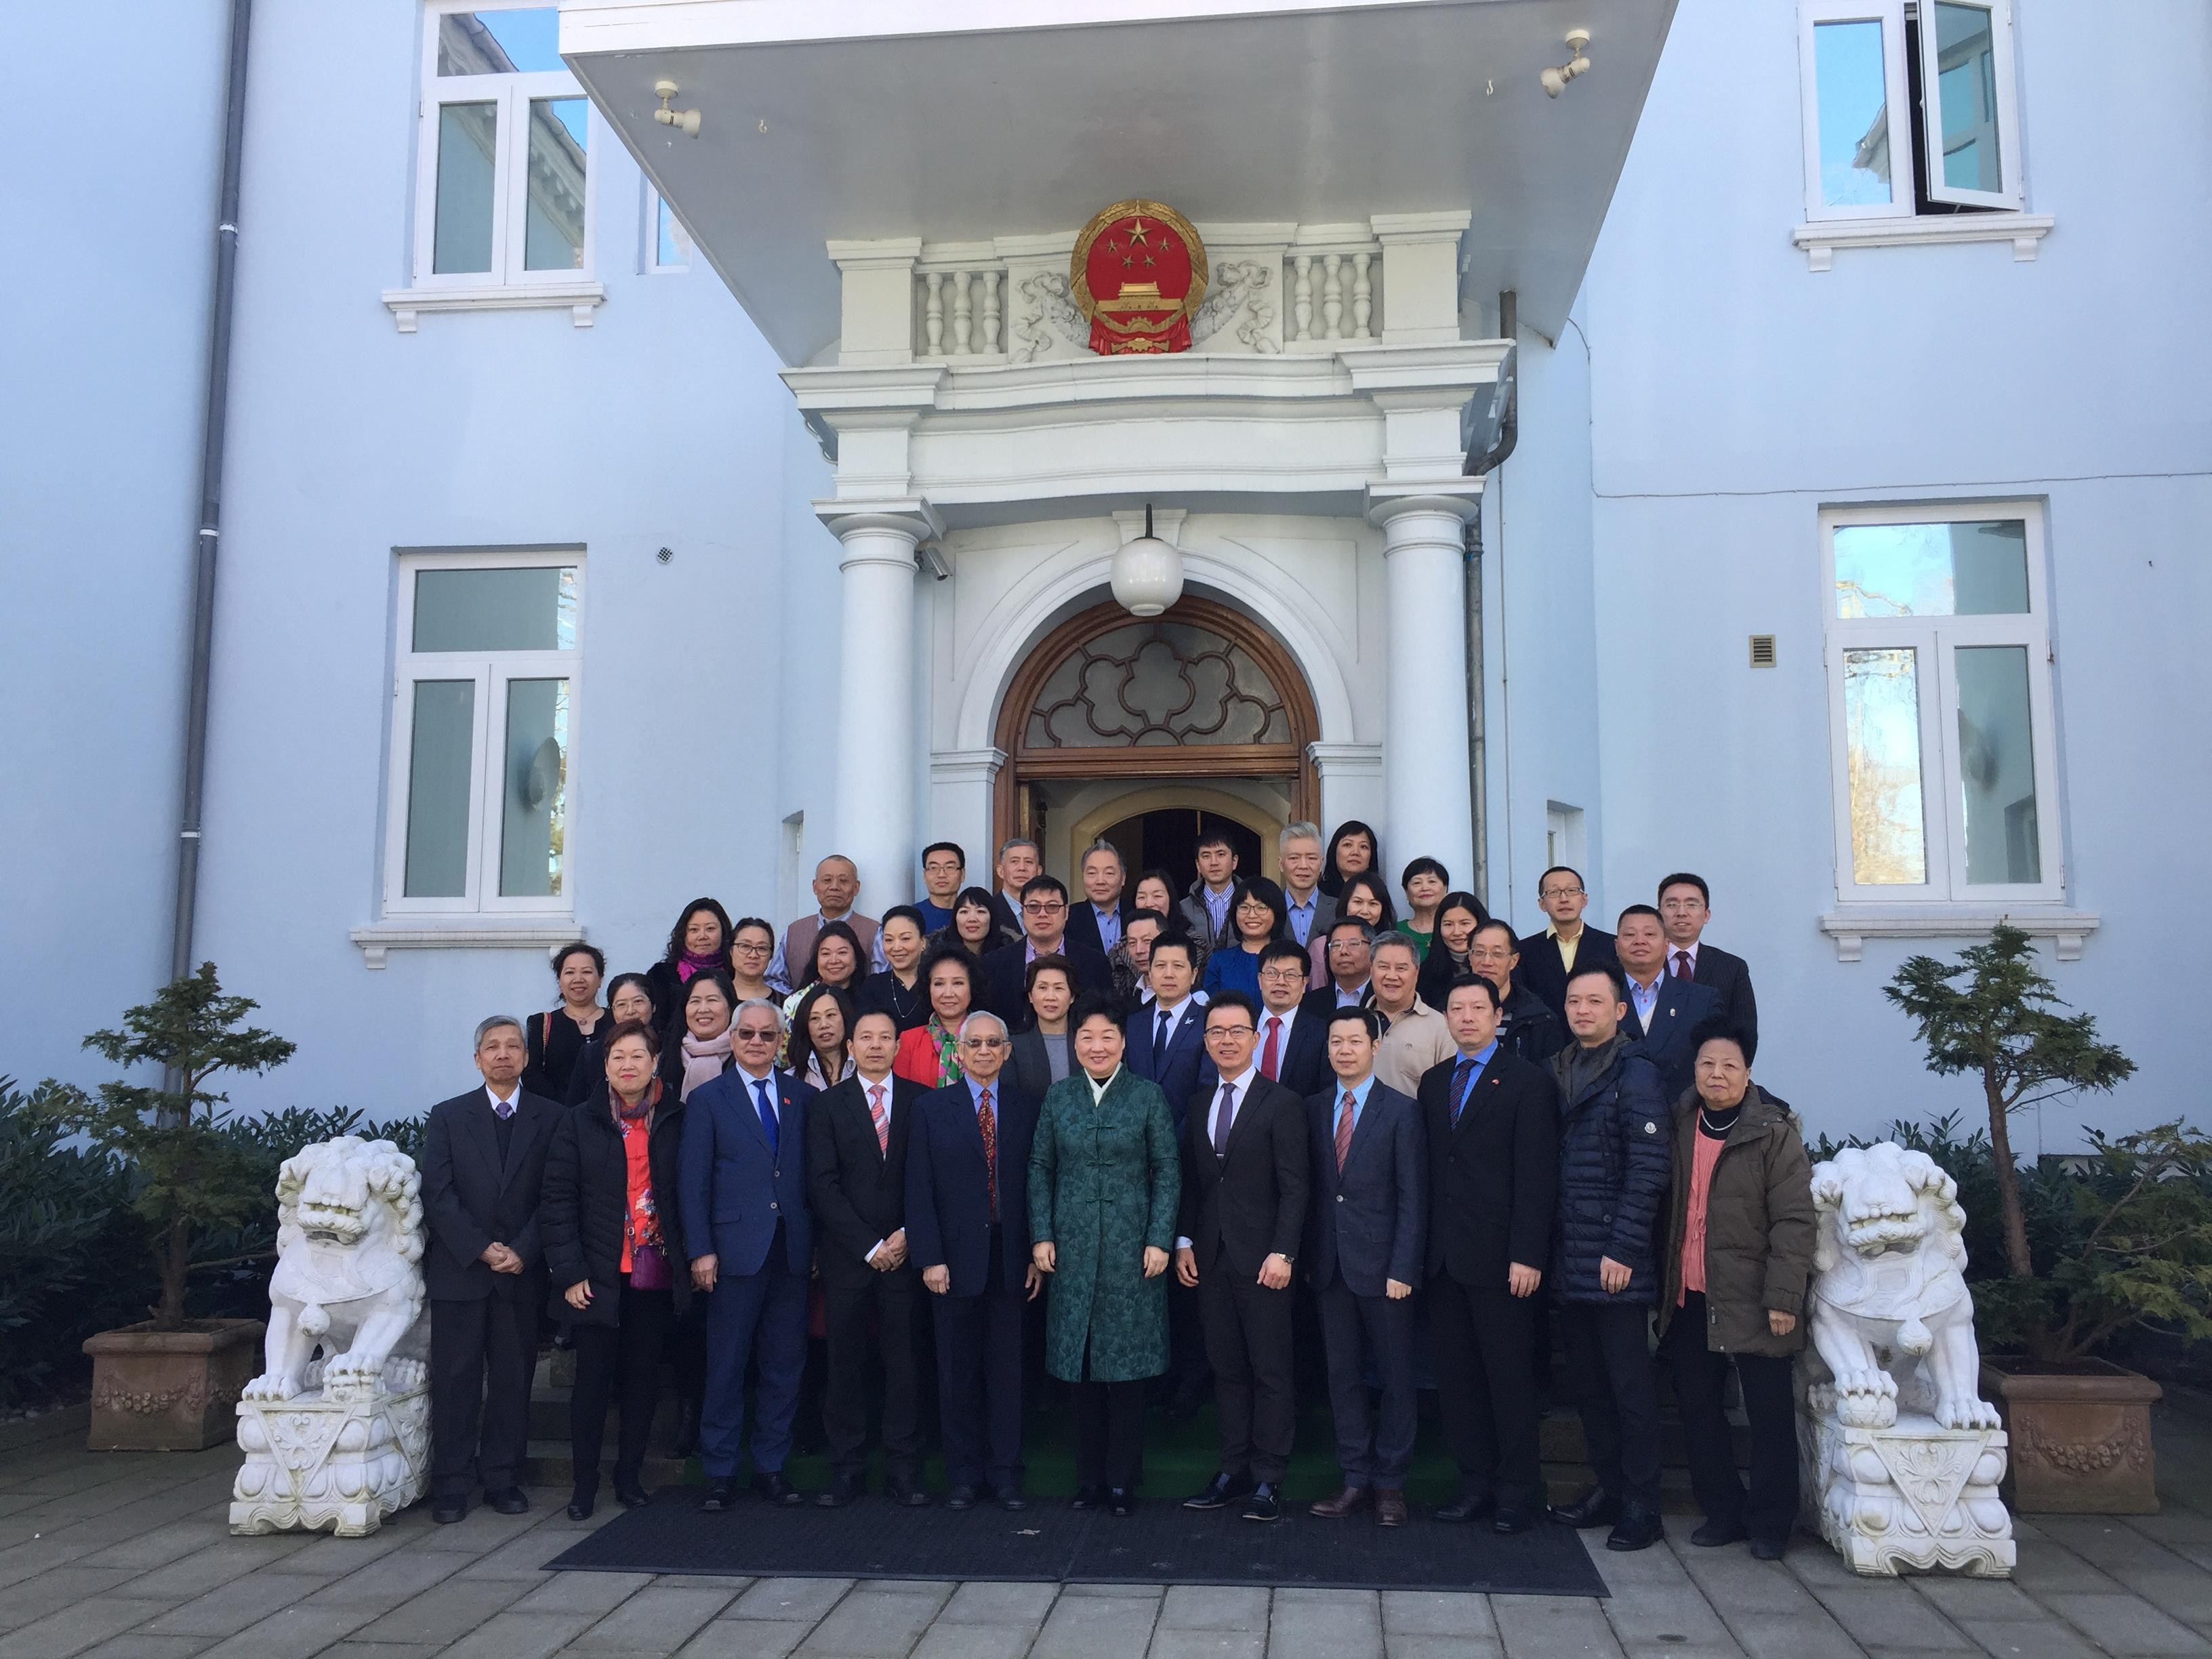 把握新机遇 共赢新征程  —-中国驻丹麦大使馆举行侨务暨领保工作座谈会